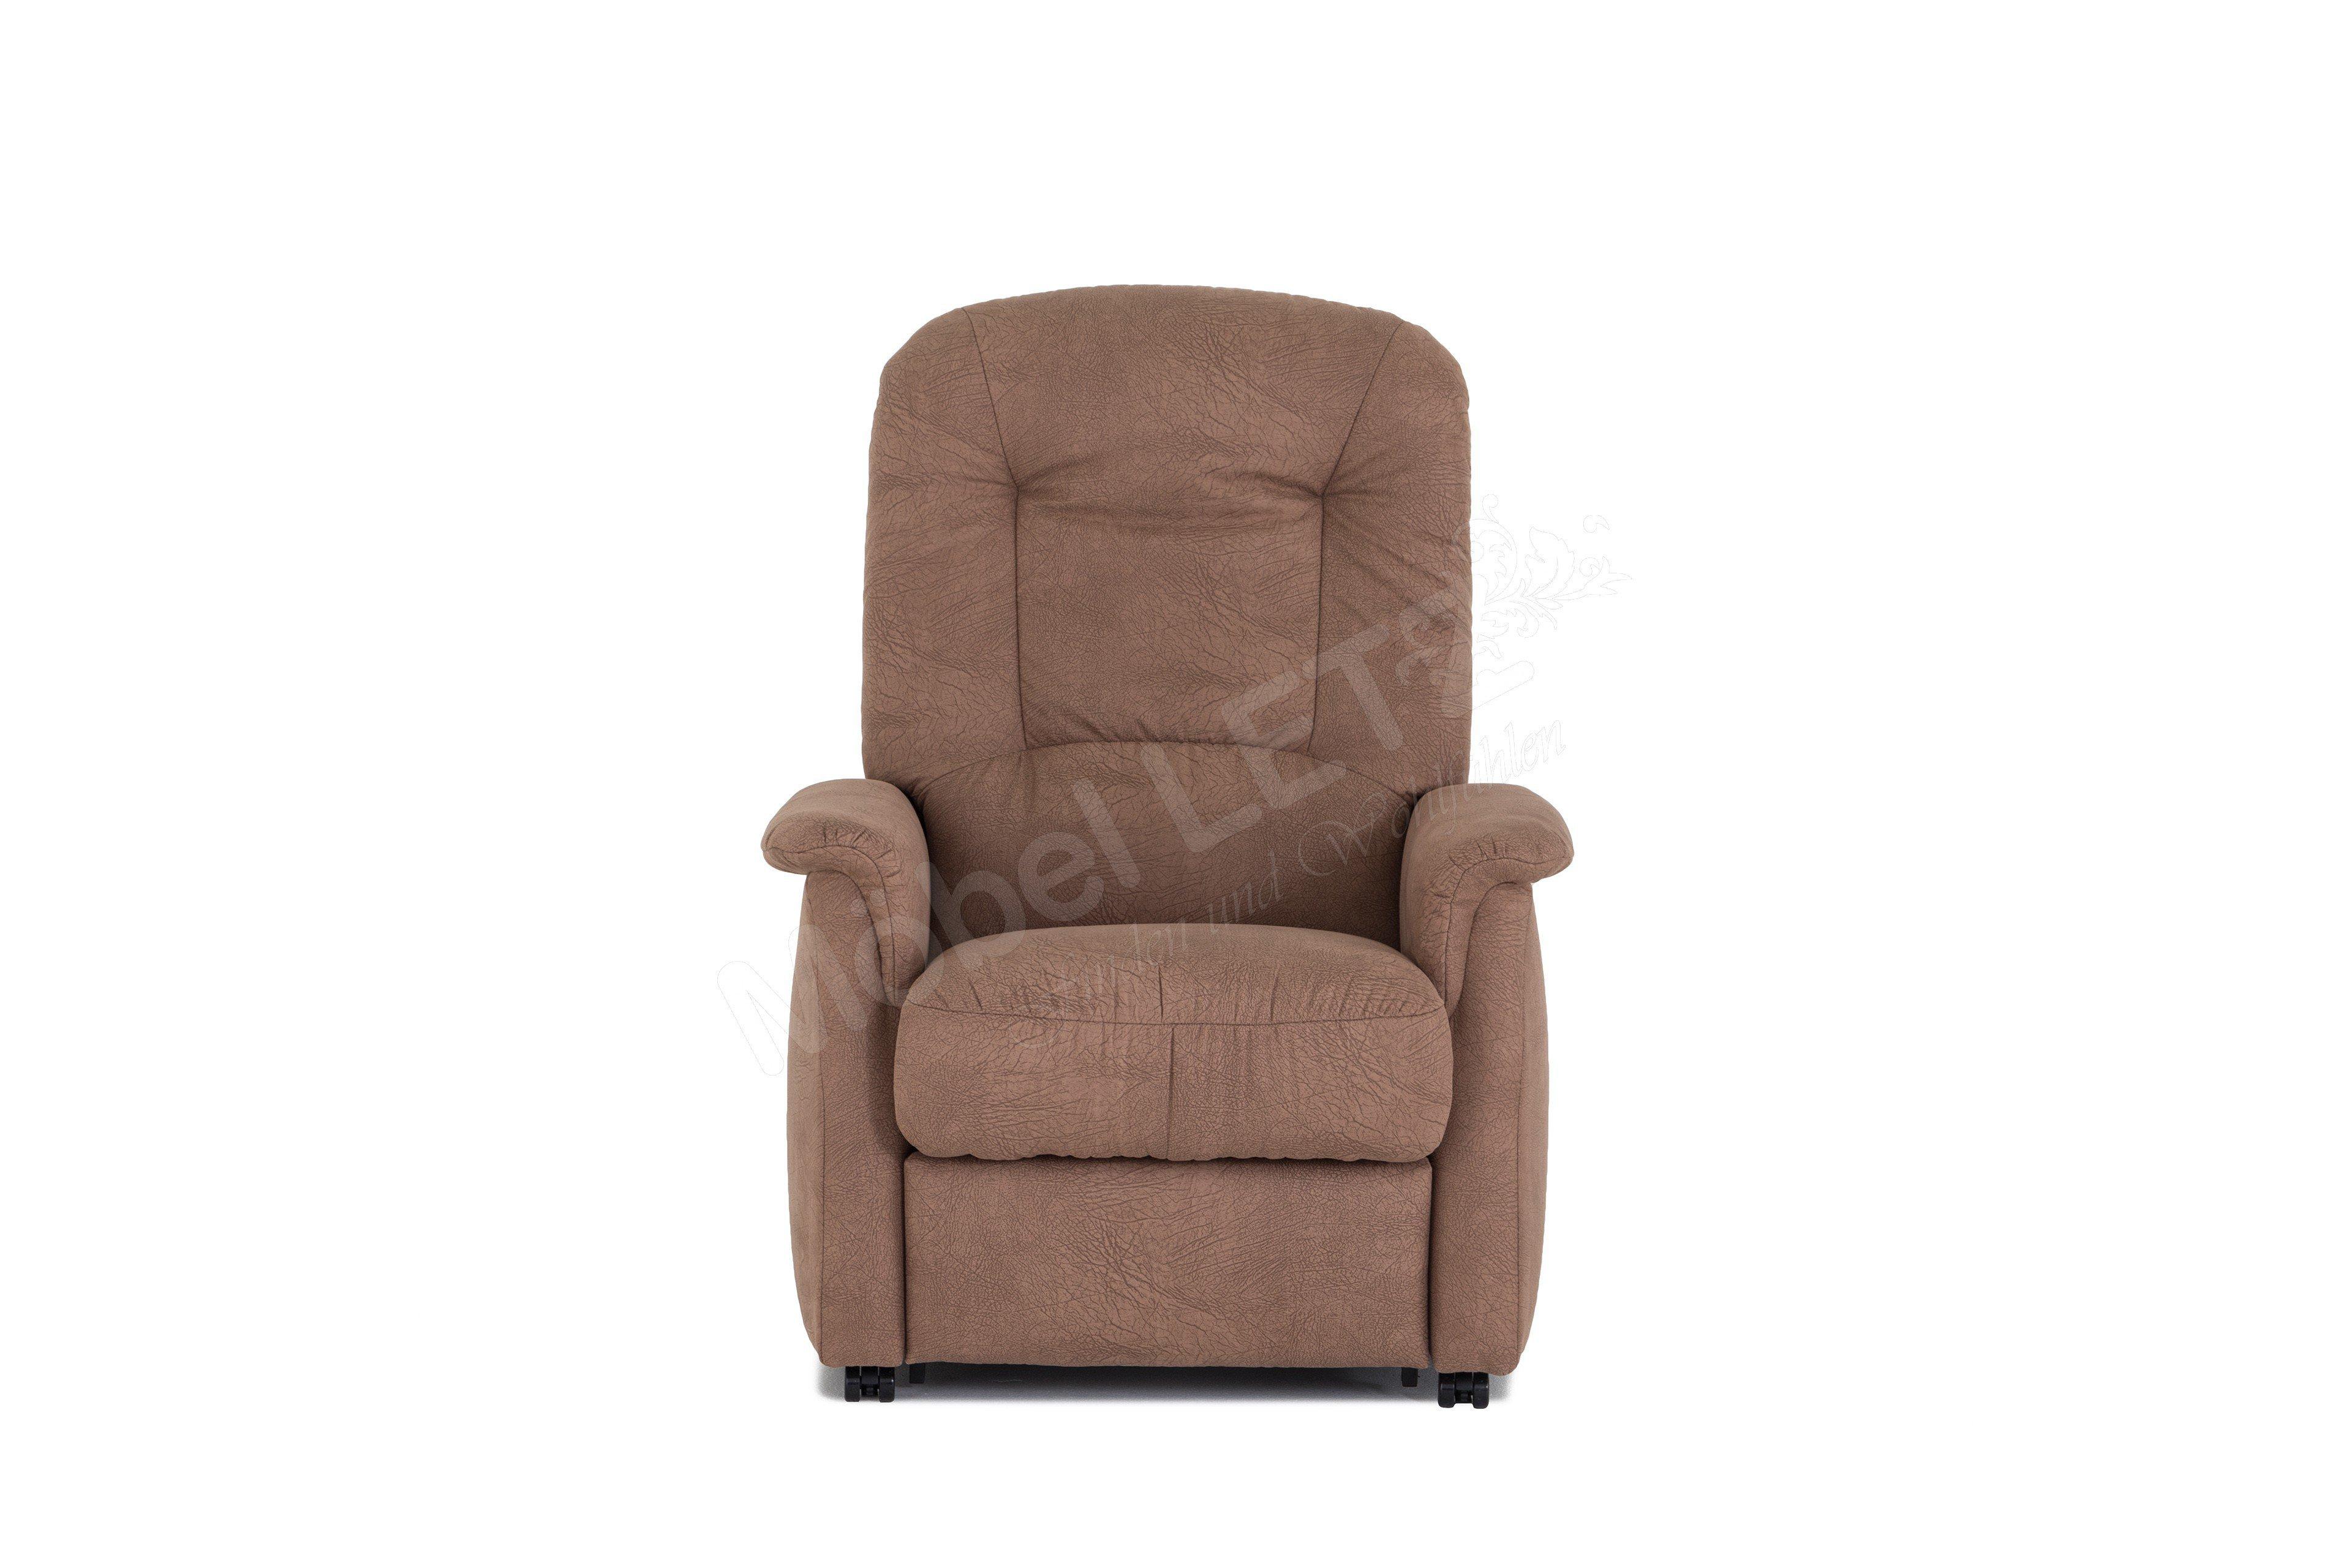 hukla rv02 tv sessel in braun m bel letz ihr online shop. Black Bedroom Furniture Sets. Home Design Ideas